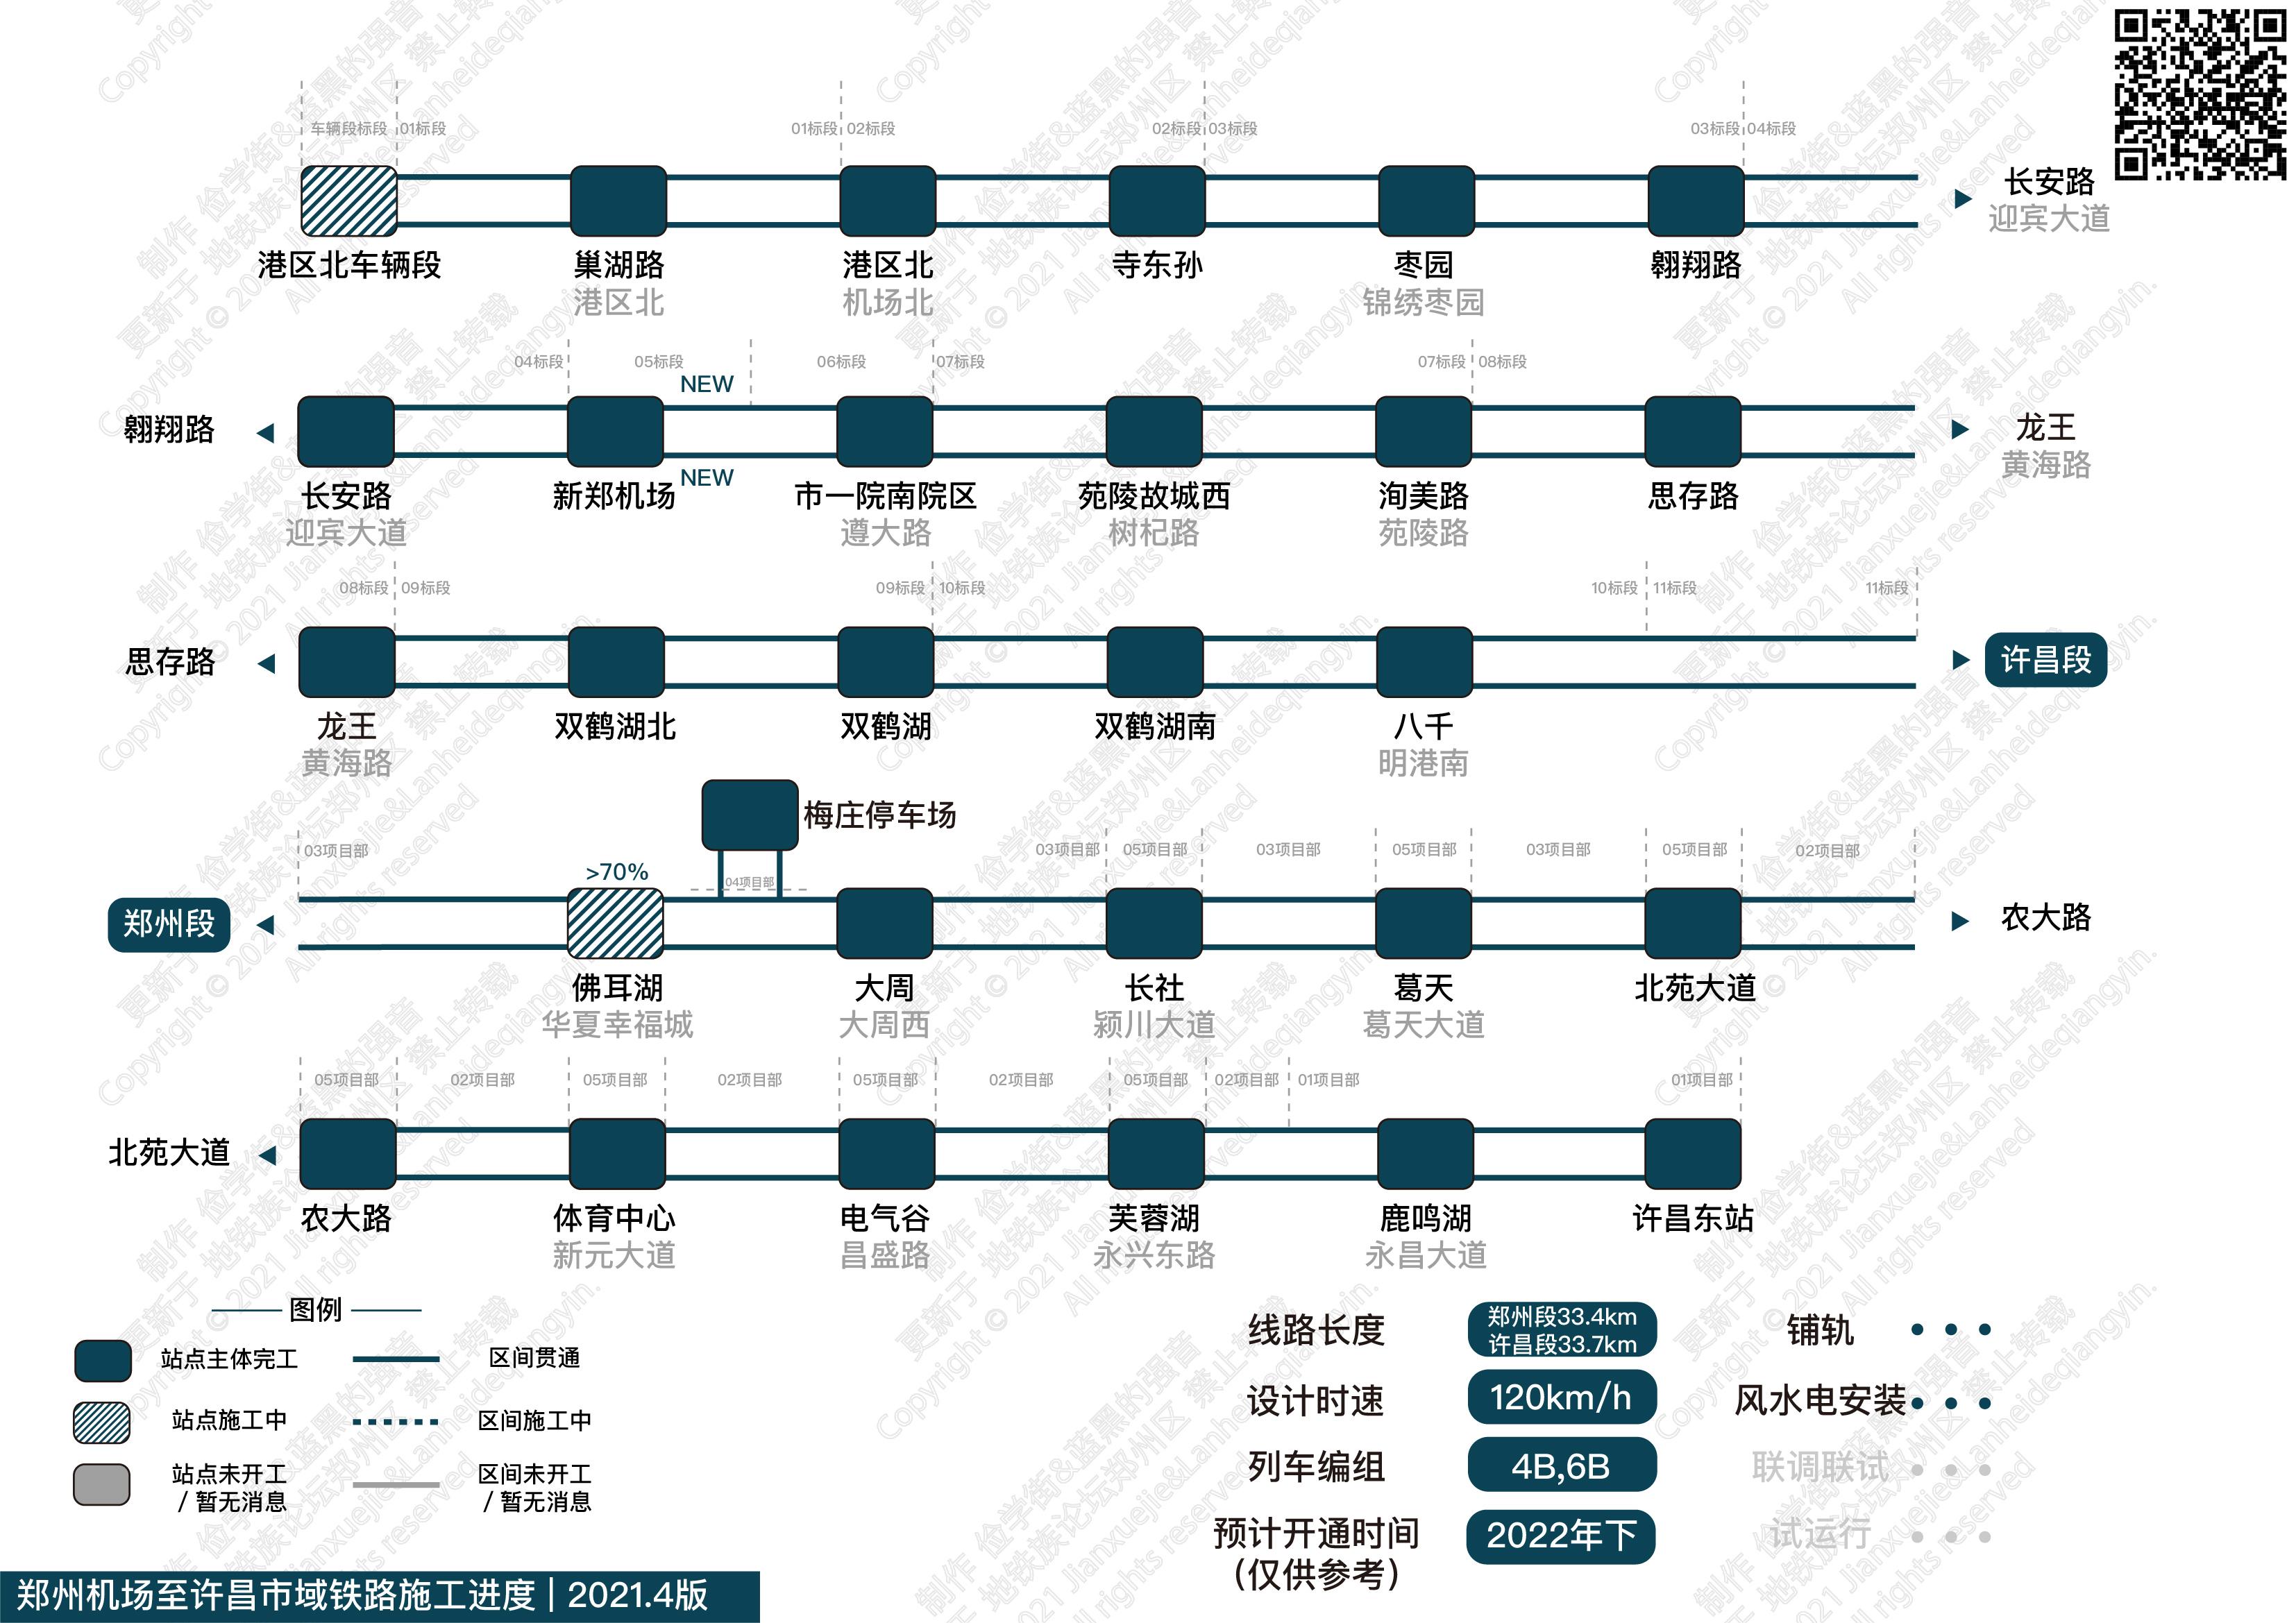 郑州地铁每月进度更新-2021.4 版